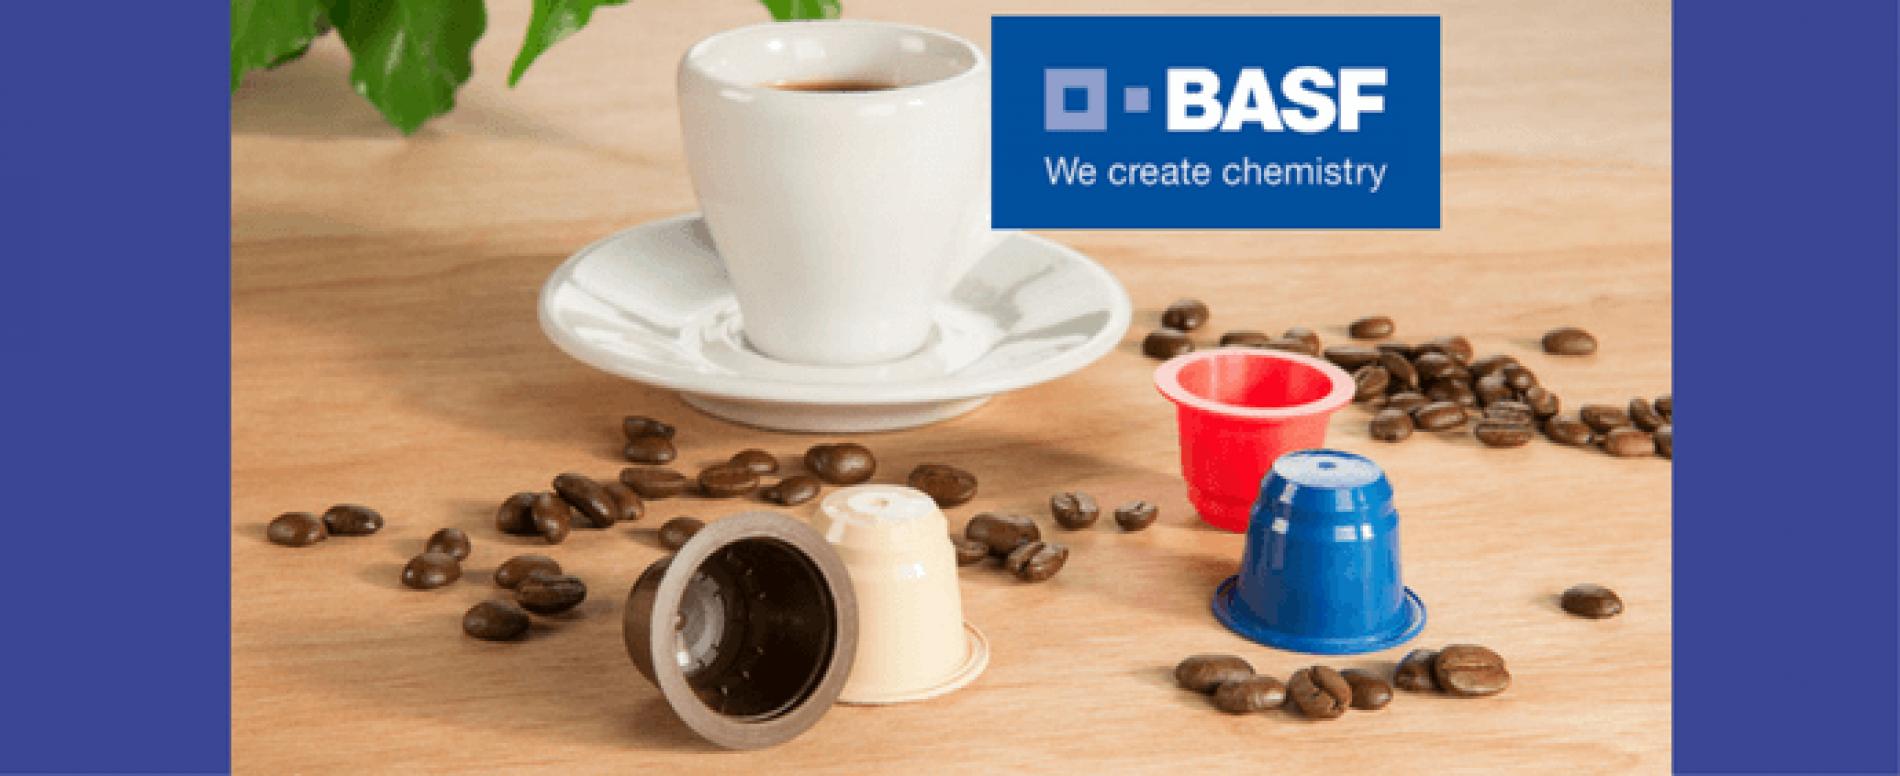 BASF presenta l'ultrabarriera per le capsule di caffè